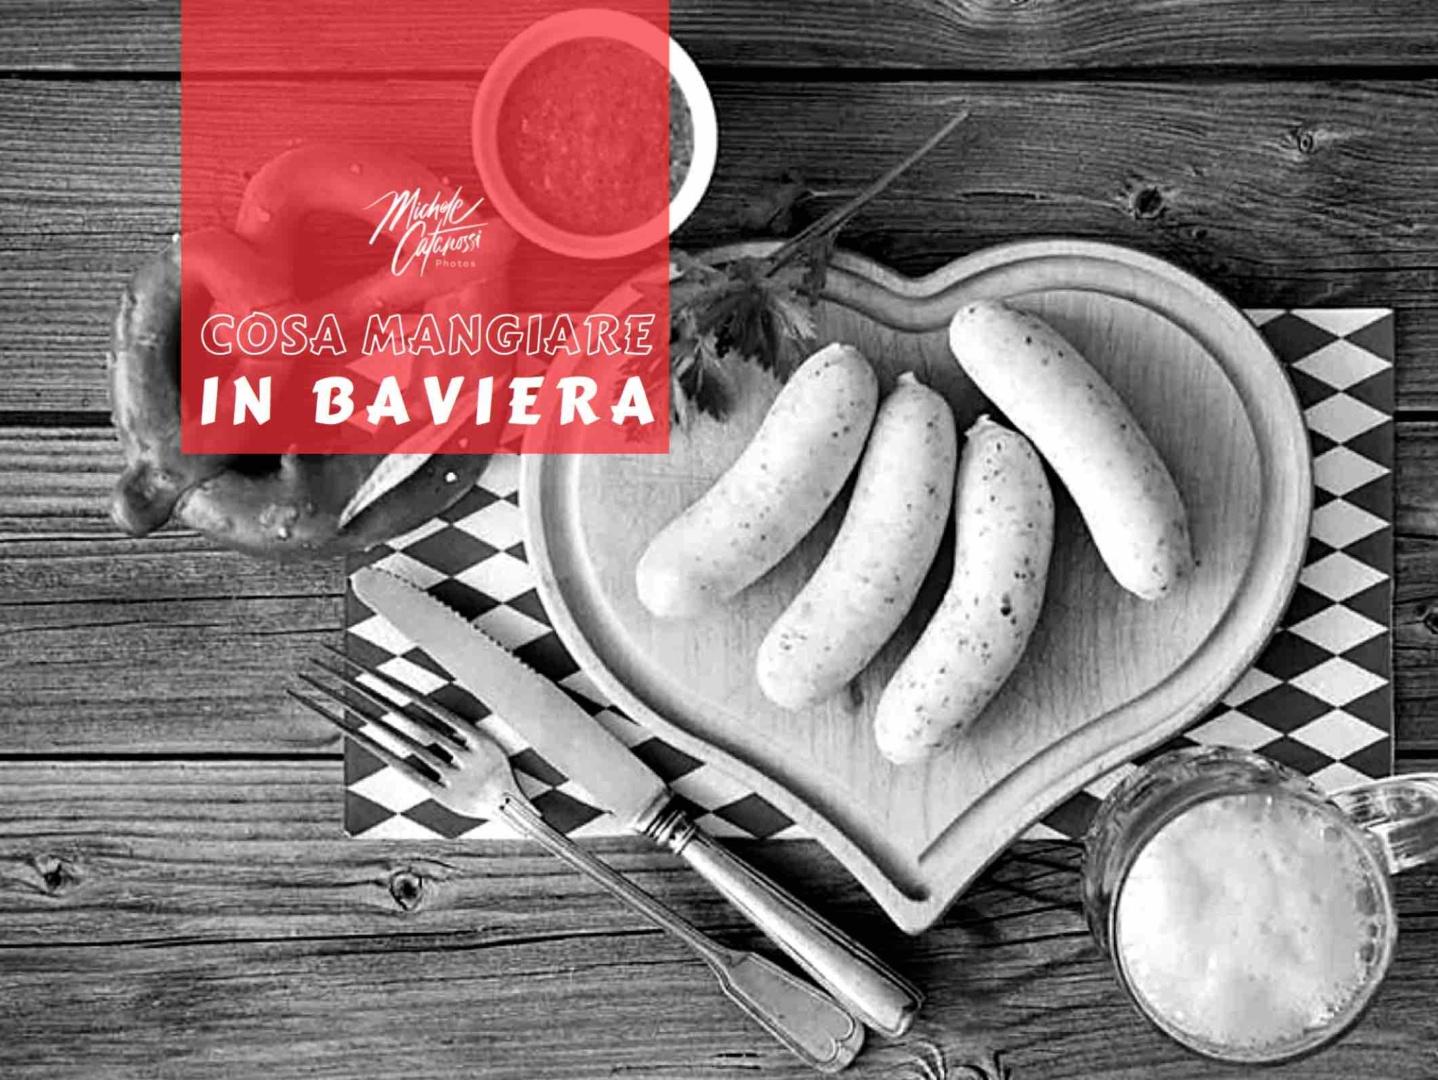 cosa mangiare in Baviera, piatti tipici da provare, cucina bavarese